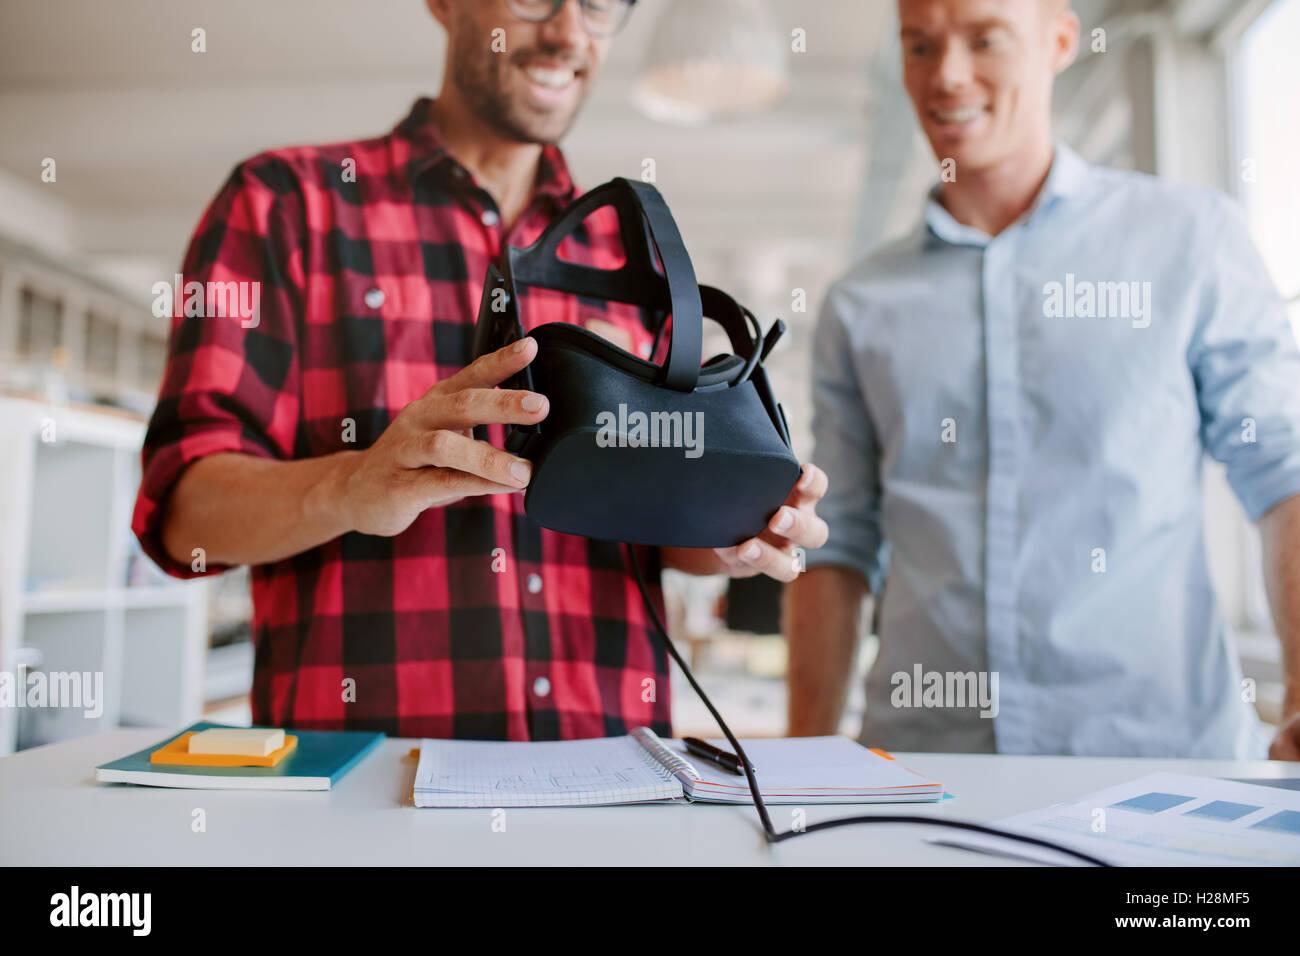 Photo de deux hommes en utilisant des lunettes de réalité virtuelle dans le bureau. Partenaires d'affaires Photo Stock